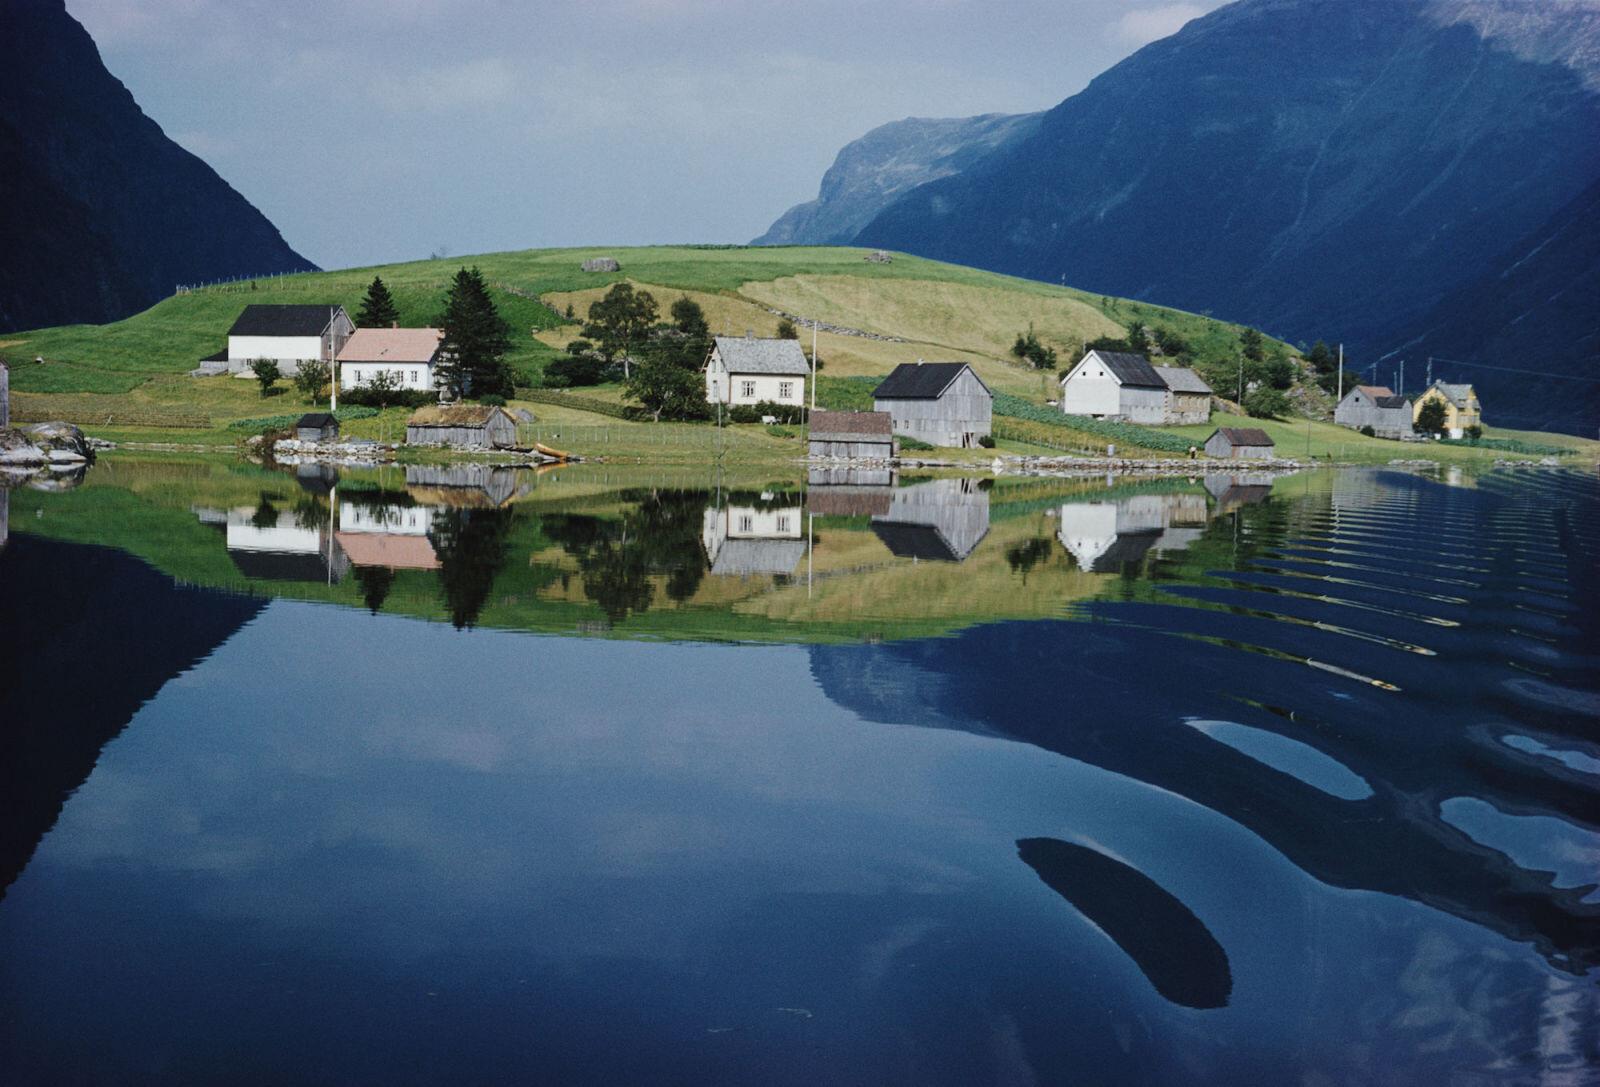 Норвегия, 1959. Фотограф Эрнст Хаас